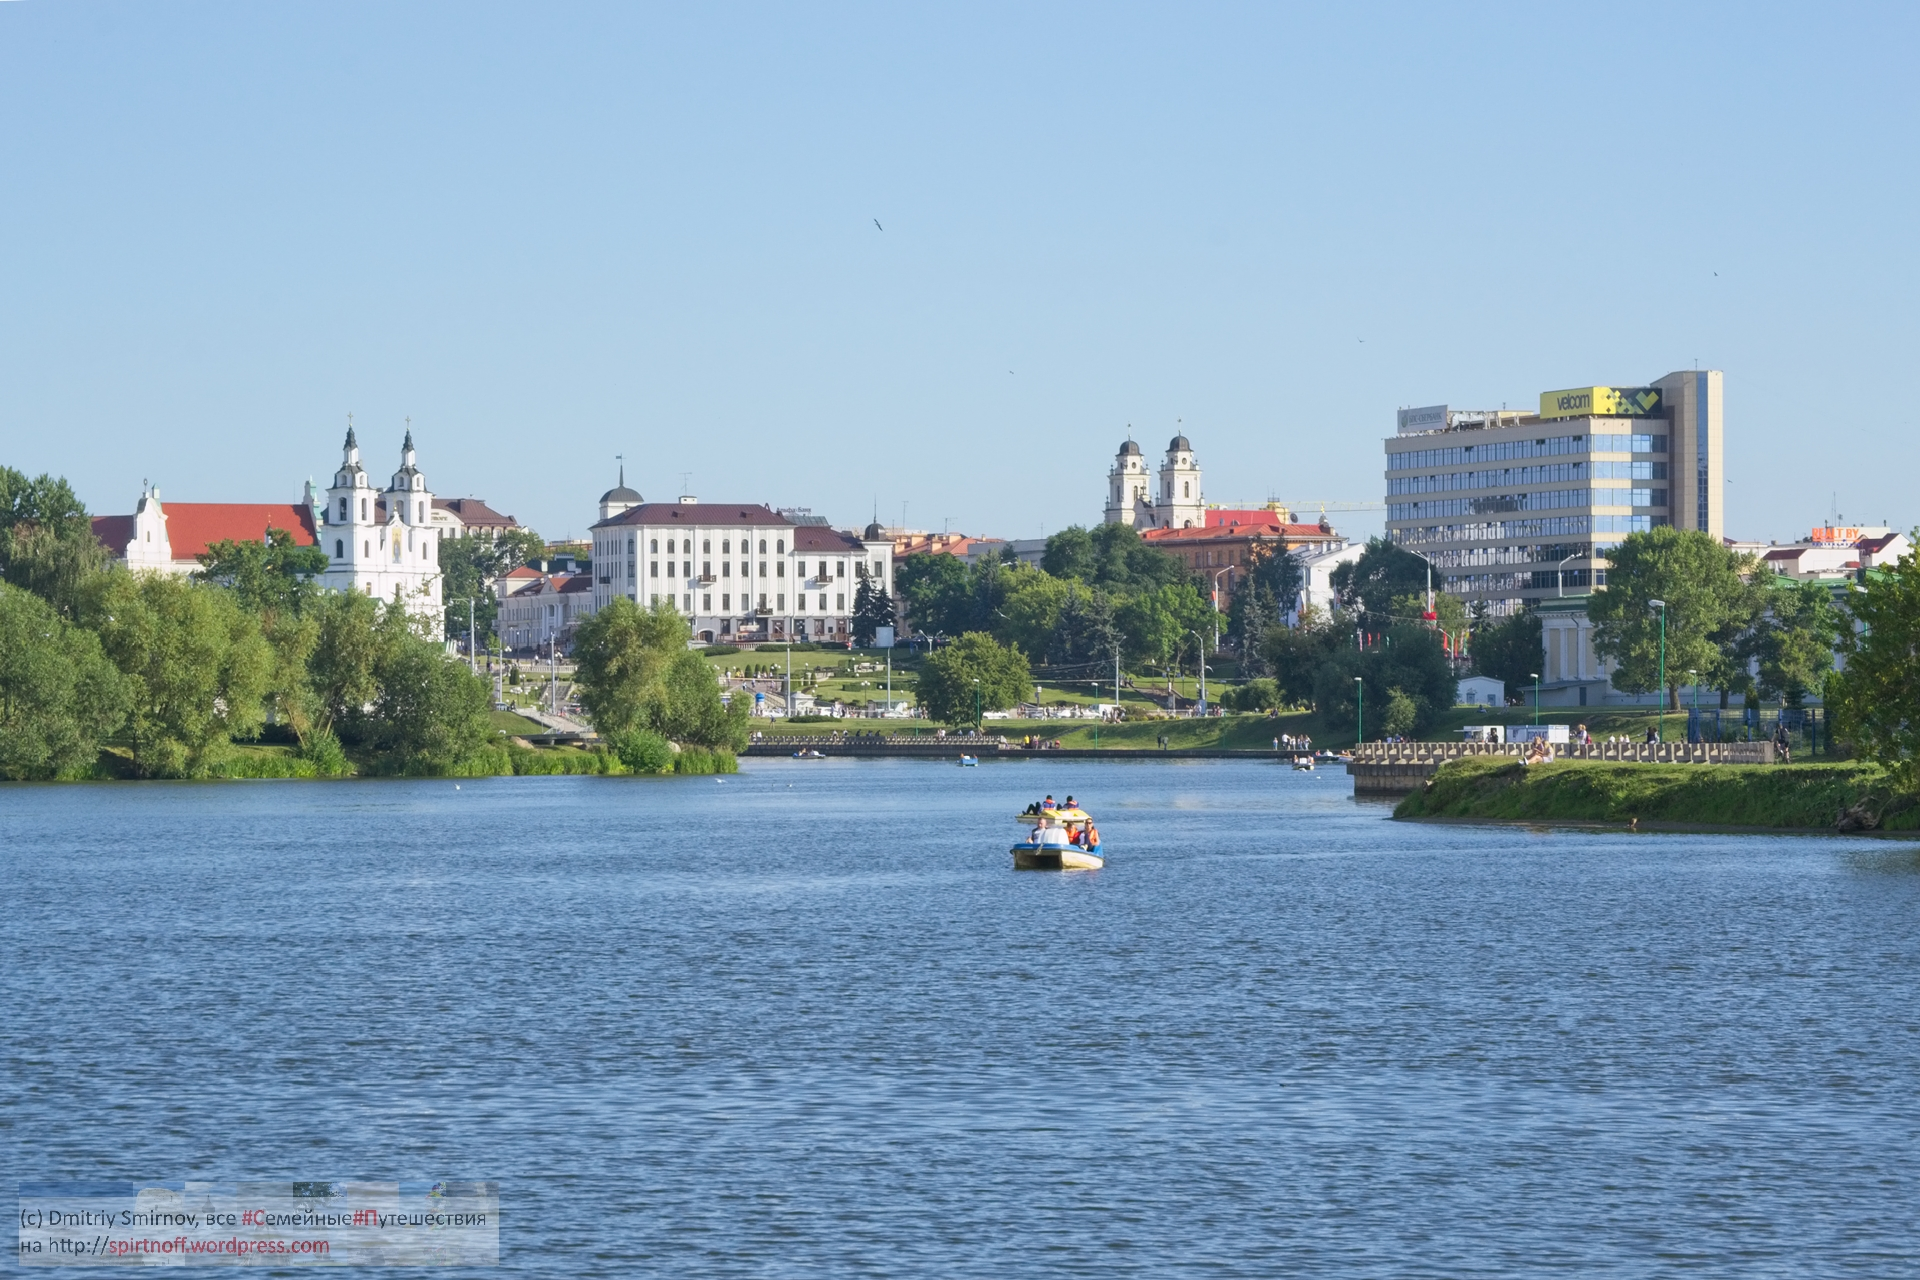 DSC_6649-Blog-15 Путешествия  Минск, Троицкое предместье, Набережная воинов-интернационалистов